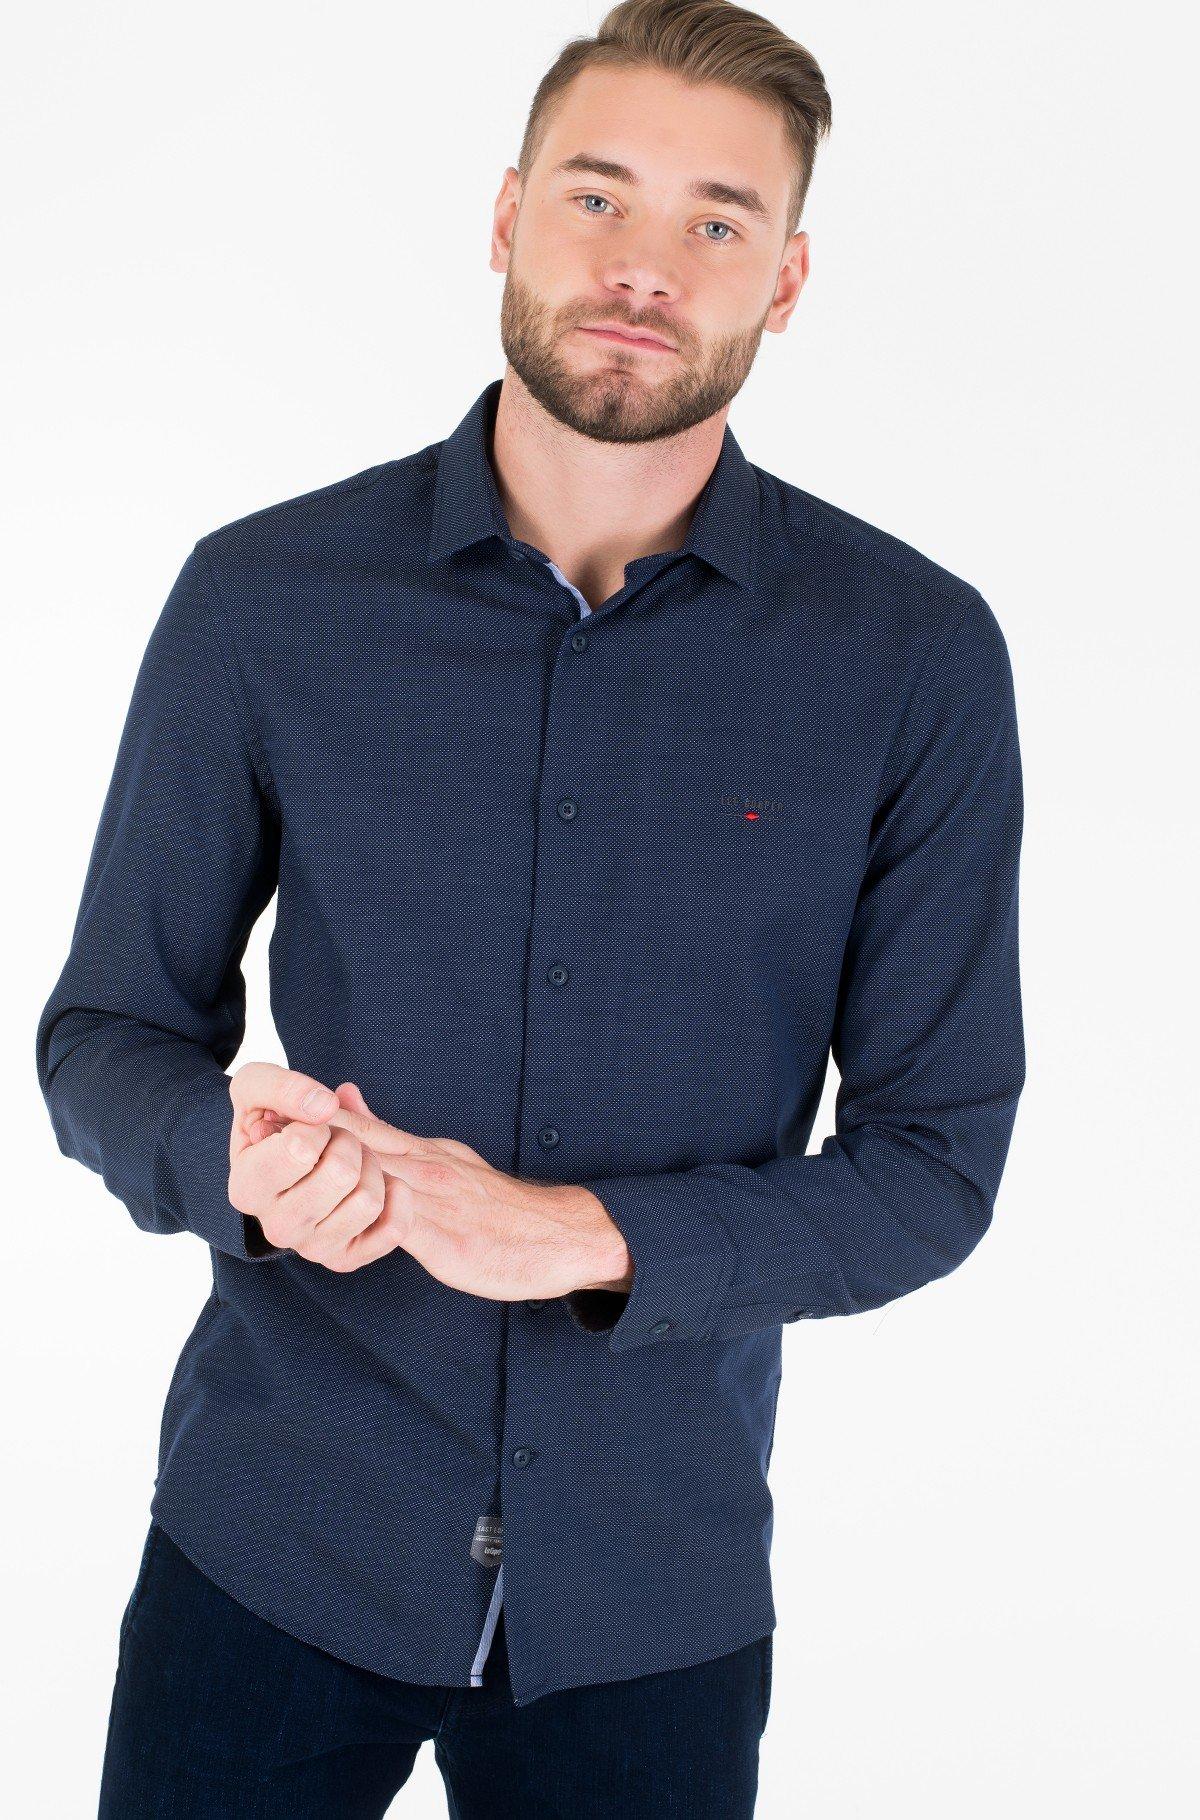 Marškiniai TENY 6693-full-1